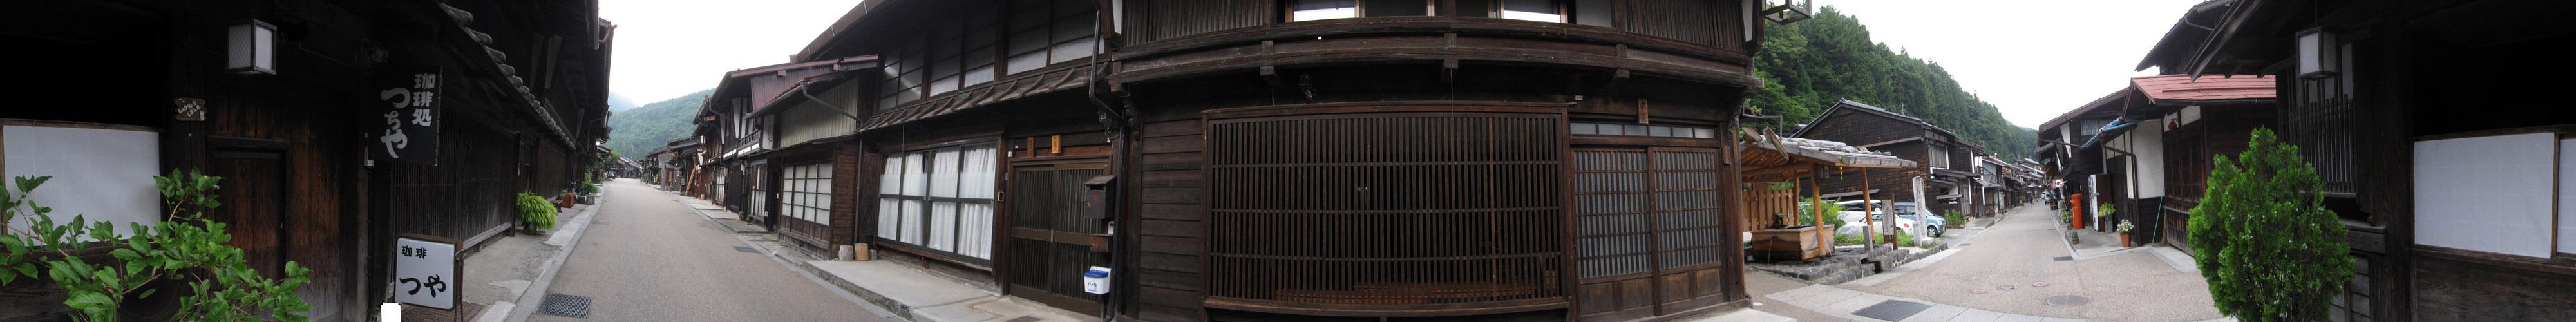 パノラマ:早朝の奈良井宿